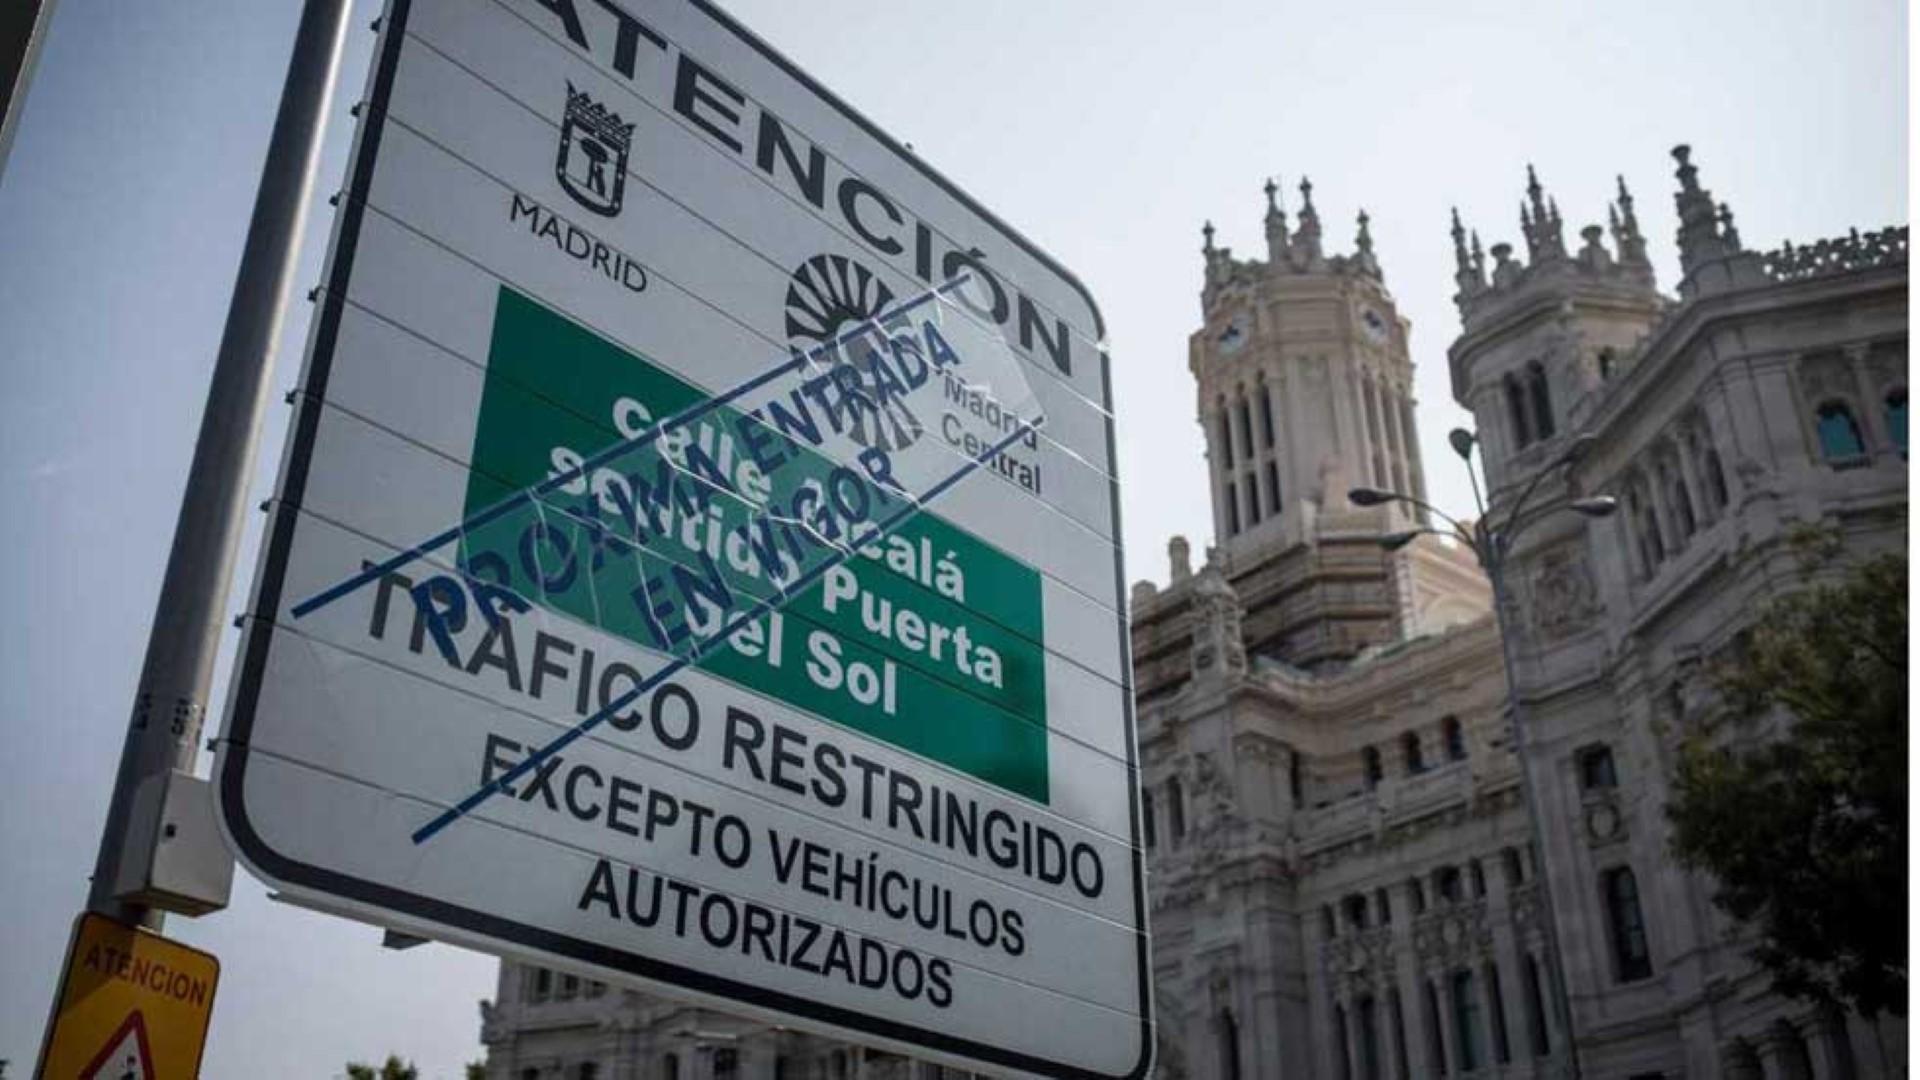 Cómo circular en moto en Madrid Central